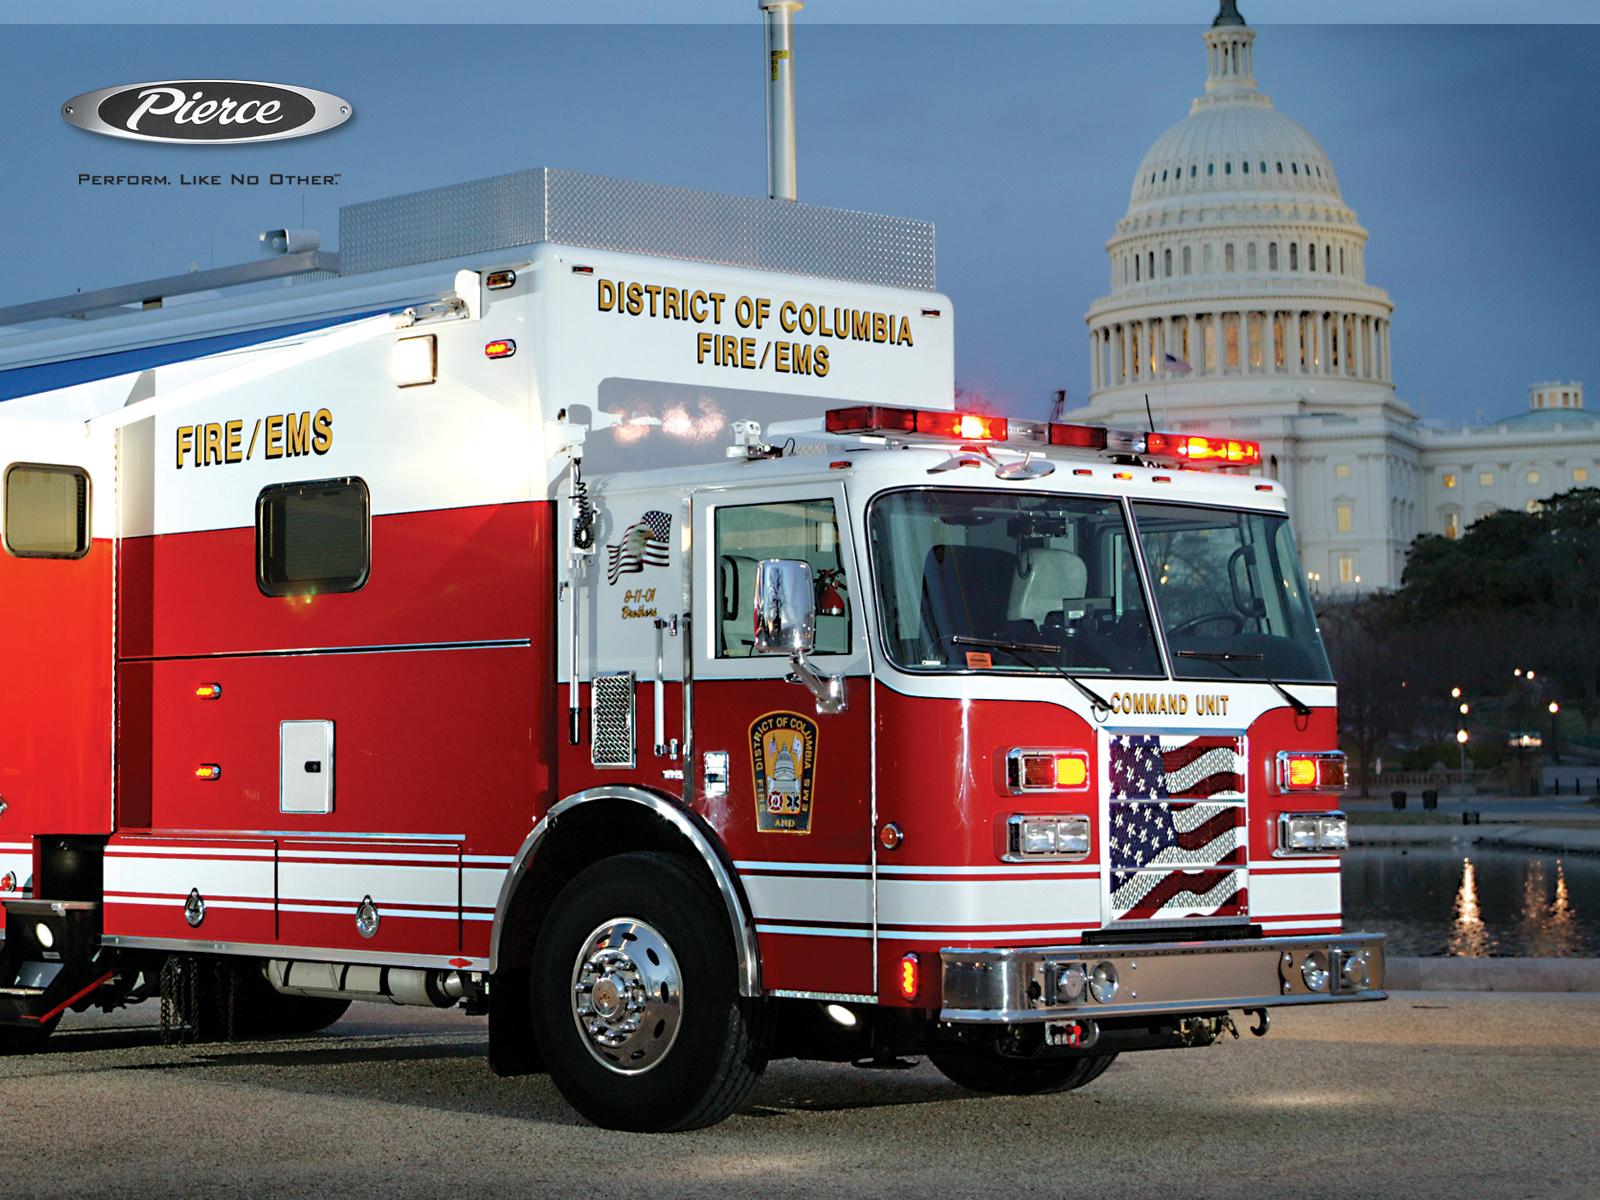 Pierce Fire Truck Photos Reviews News Specs Buy Car